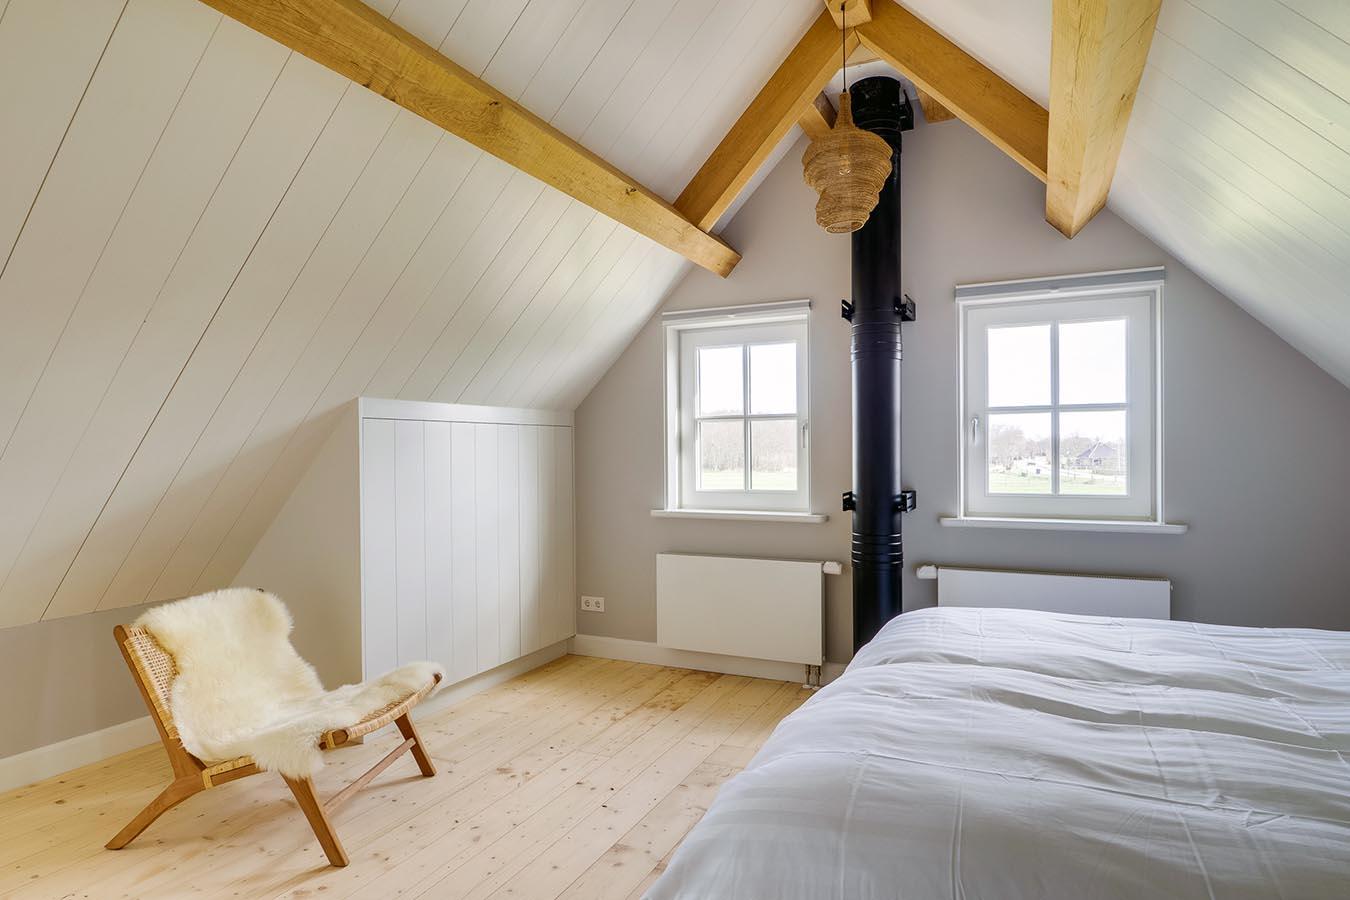 slaapkamer met hoog plafond